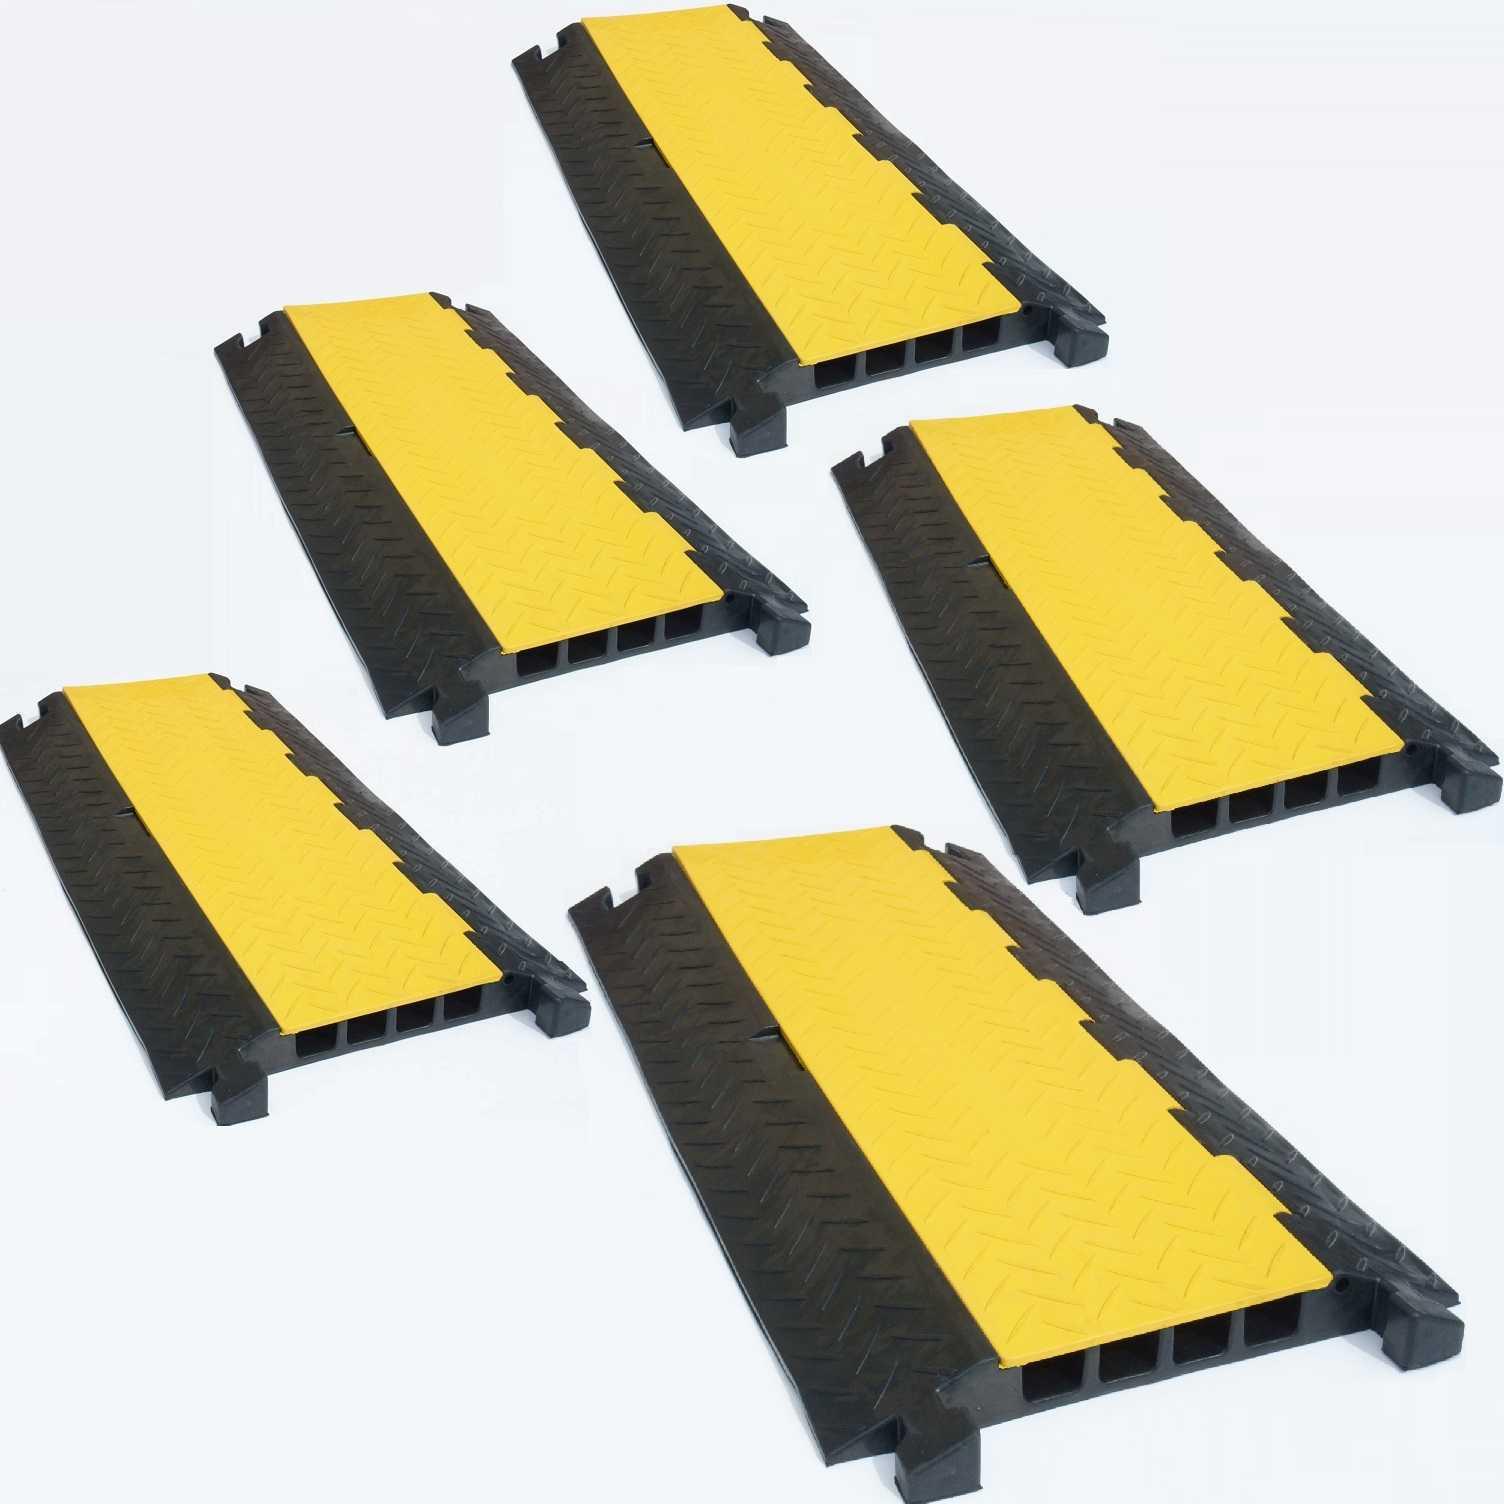 Baugewerbe Kabel, Leitungen & Stecker 10x 1 Kanal Kabelbrücke Kabelmatte Überfahrrampe Kabelkanal Überfahrschutz Gummi